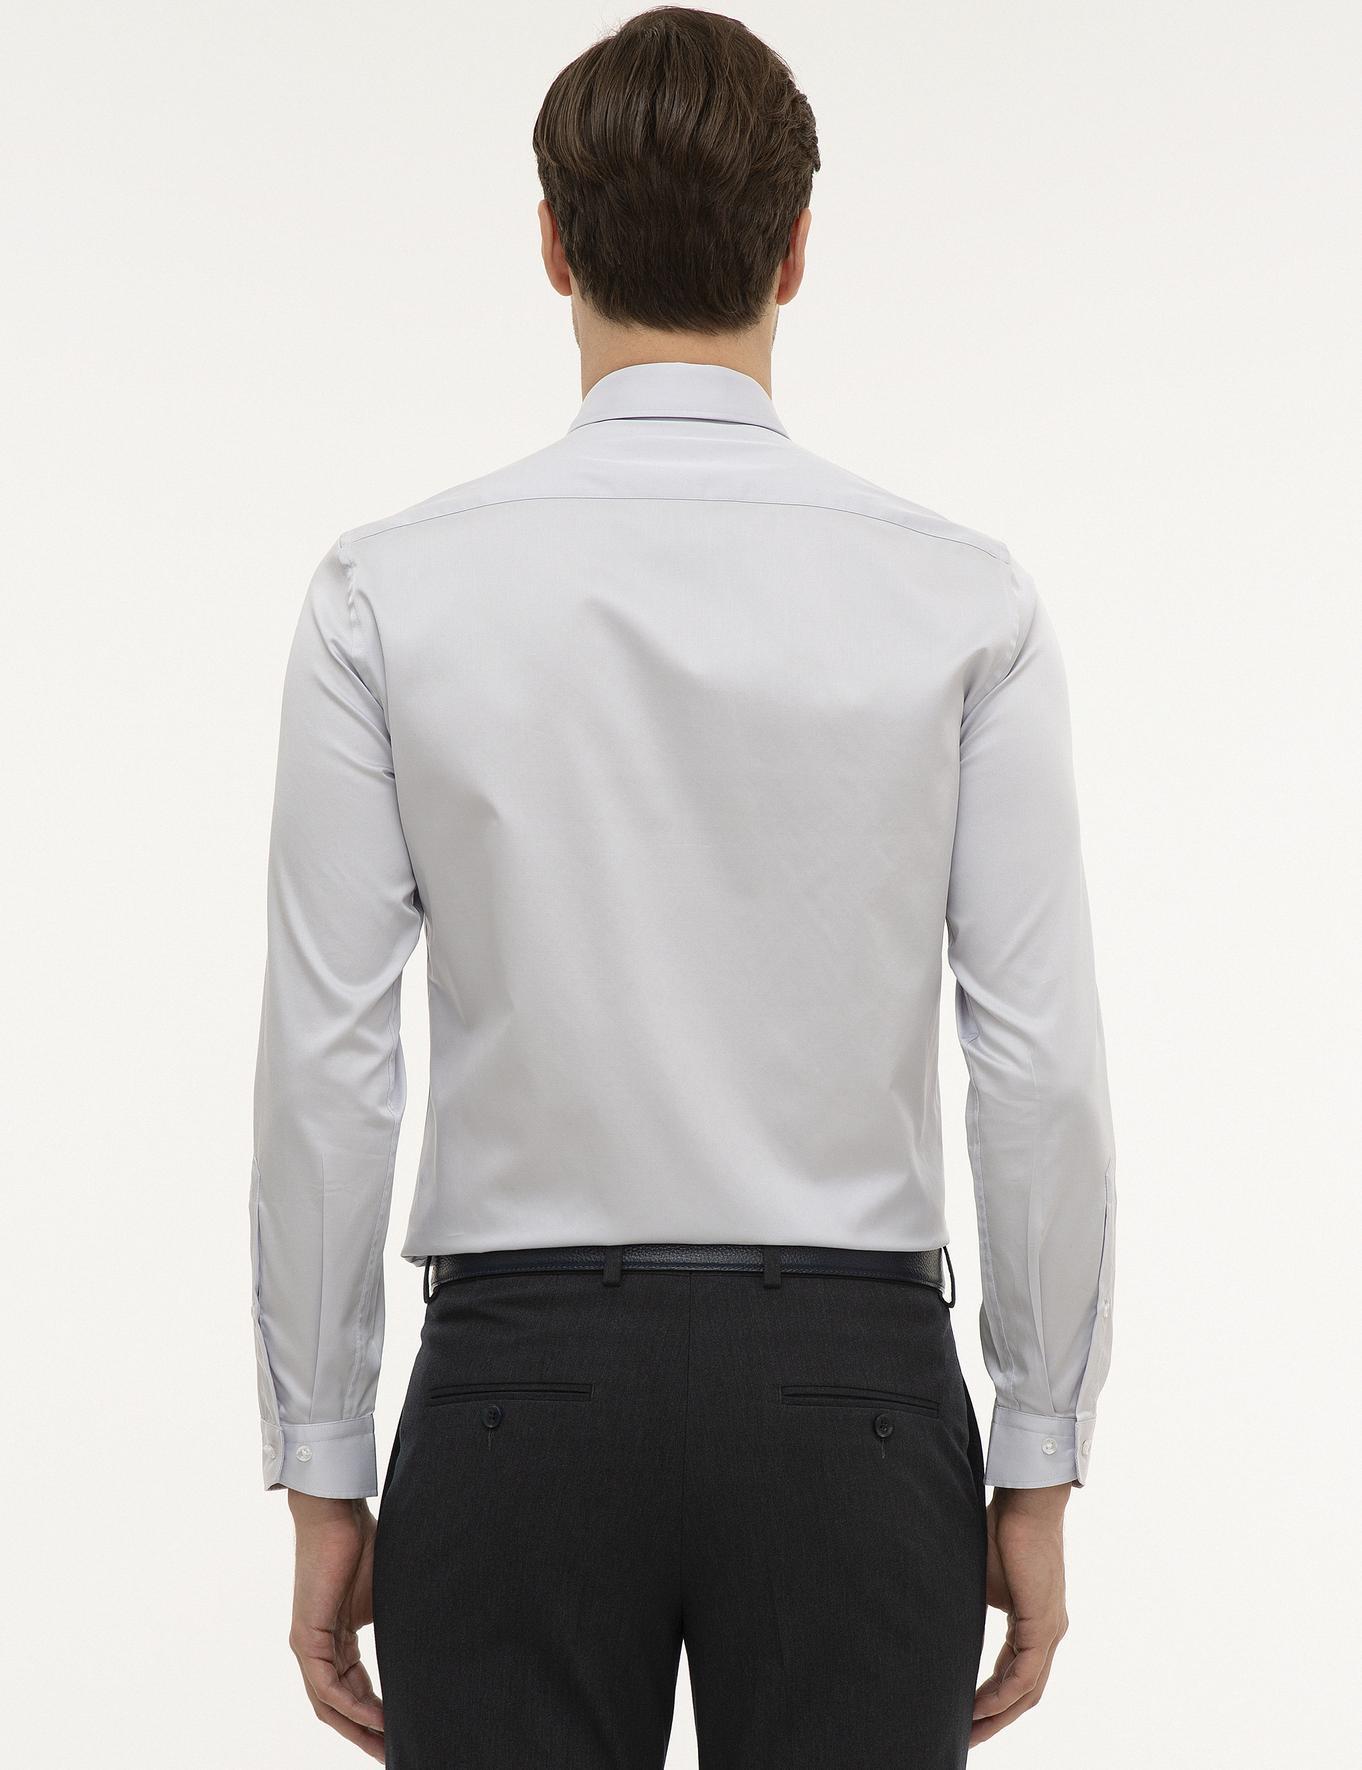 Mavi Slim Fit Gömlek - 50226511004